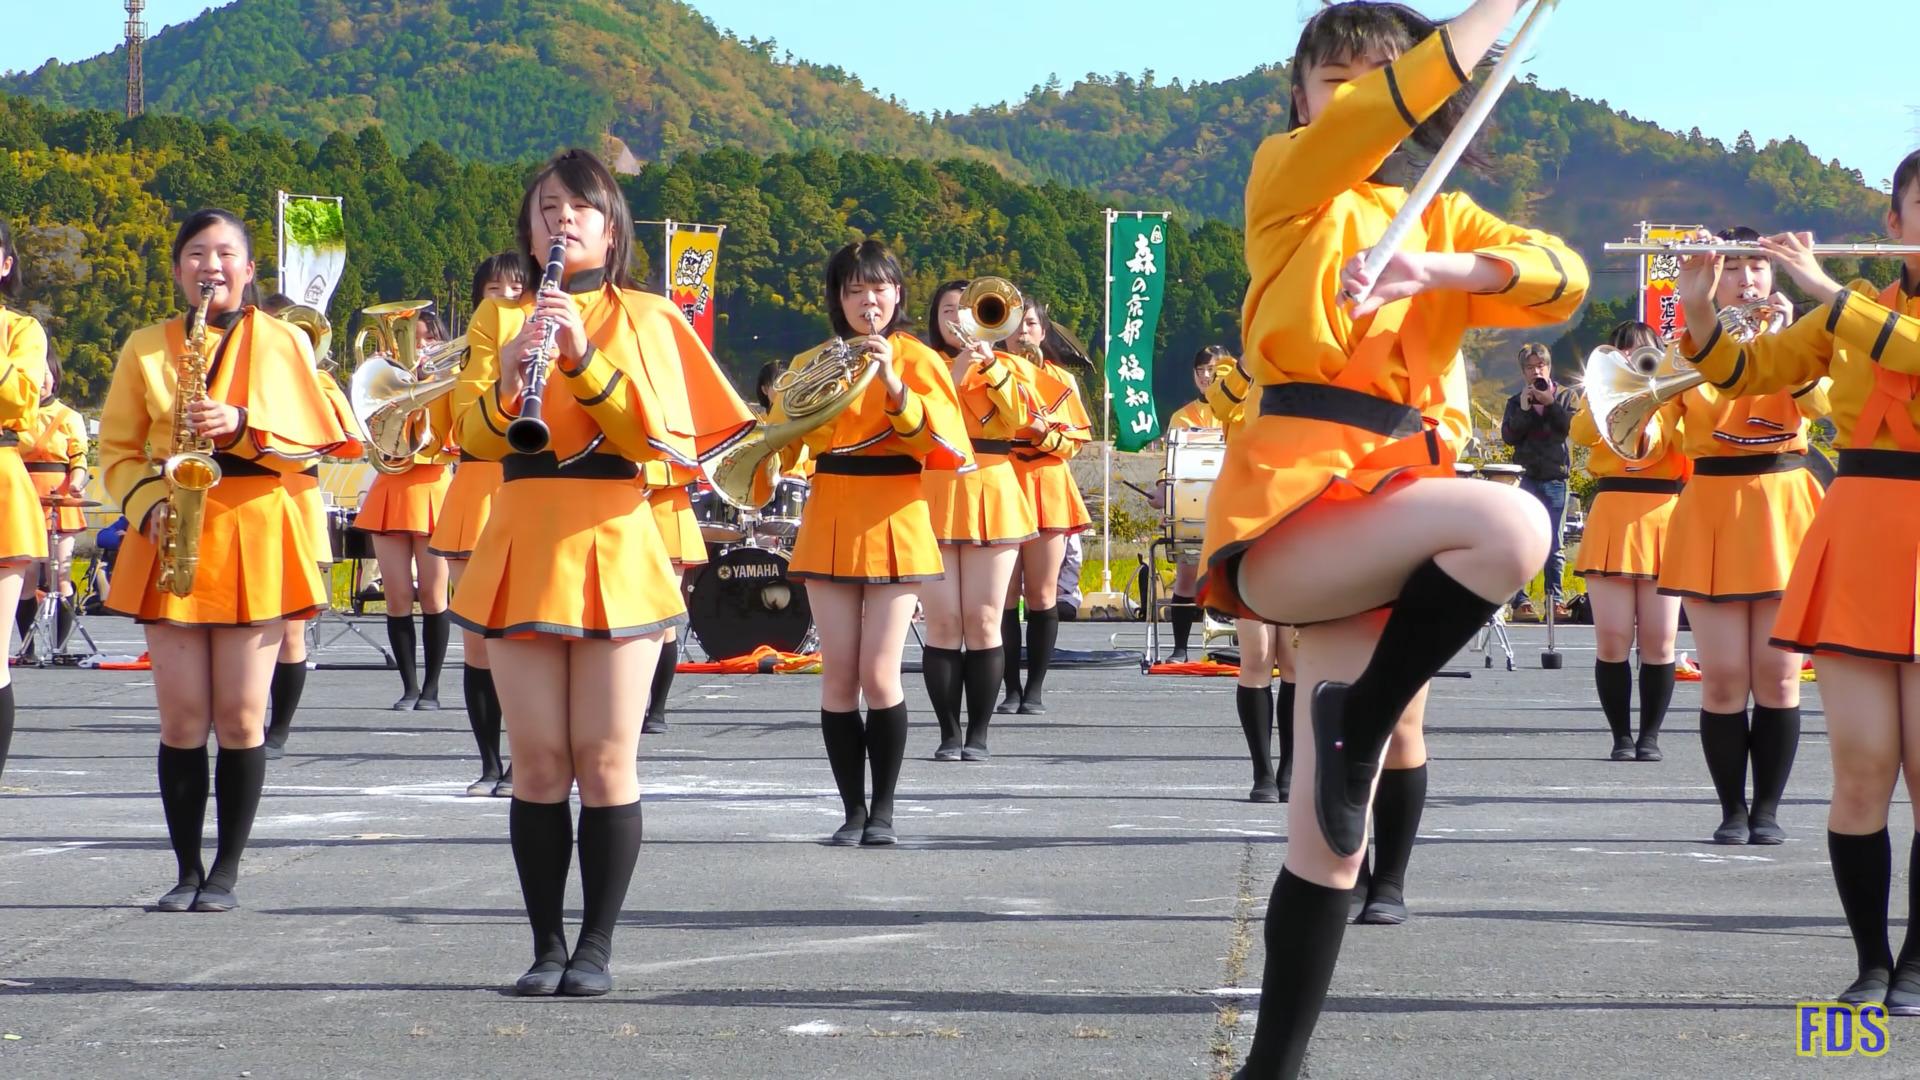 京都橘高校 吹奏楽部 大江山酒呑童子祭り マーチングドリル (前半) Kyoto Tachibana SHS Band [4K] 03:27